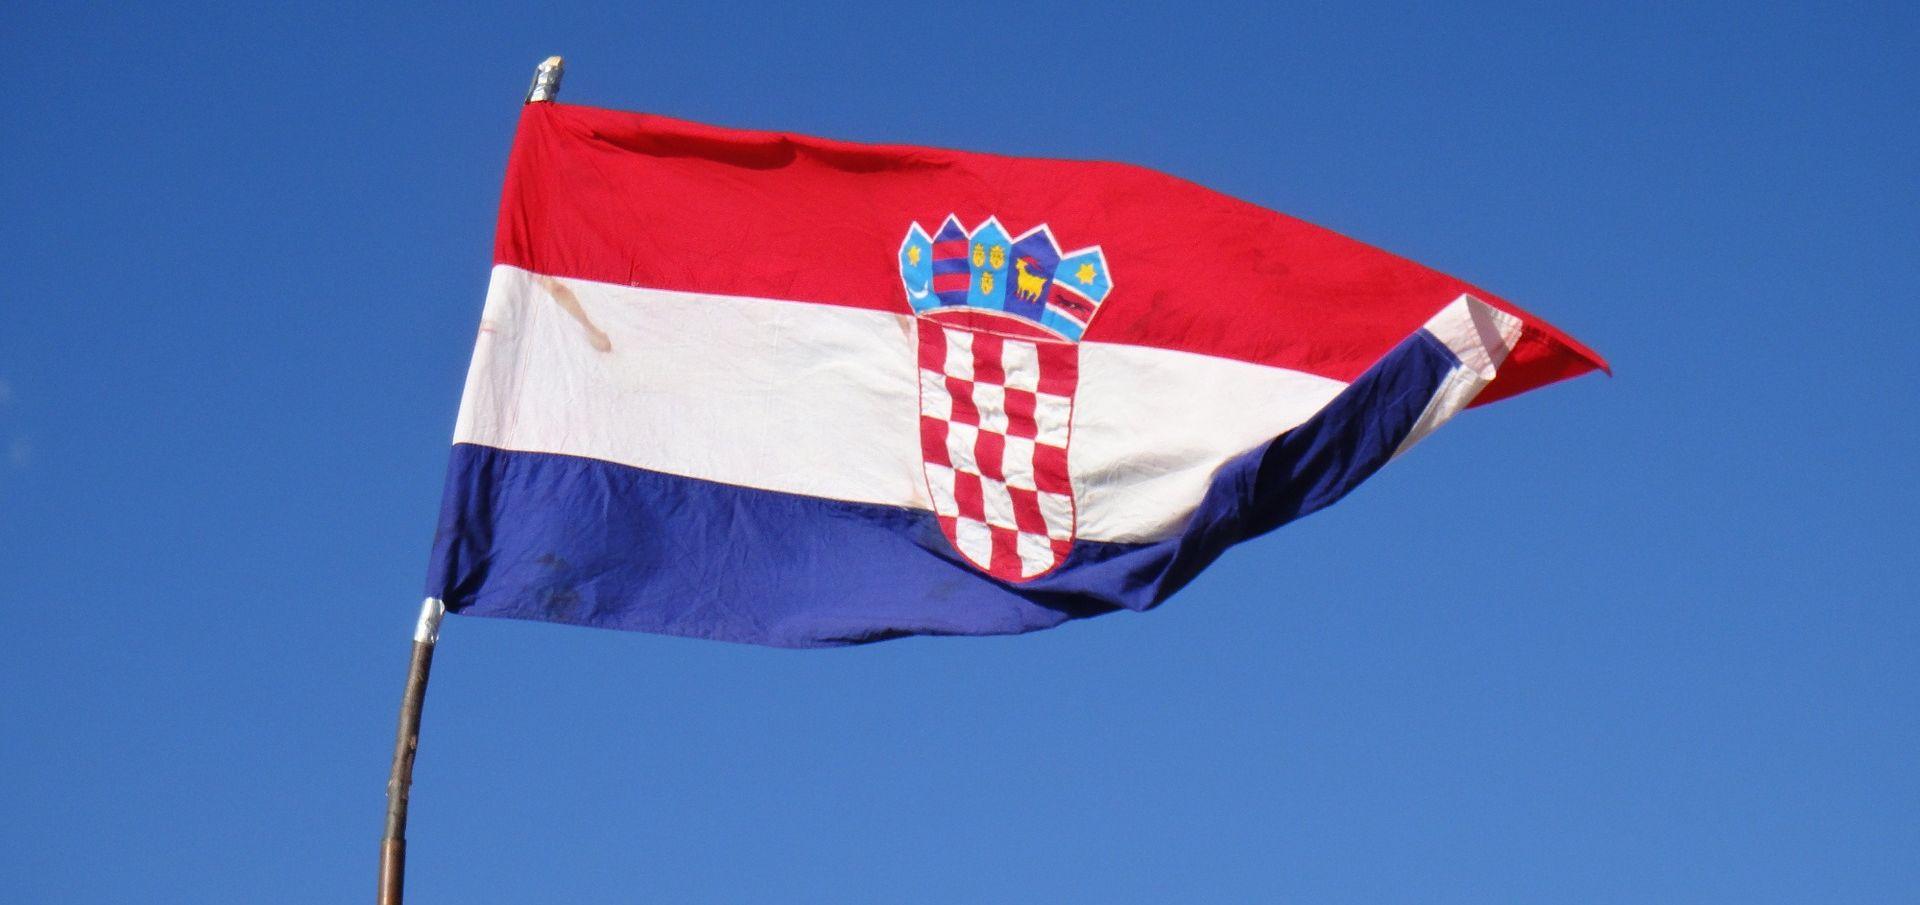 VOJNIĆ Sa zgrade trgovačkog društva skinuta i uništena hrvatska zastava